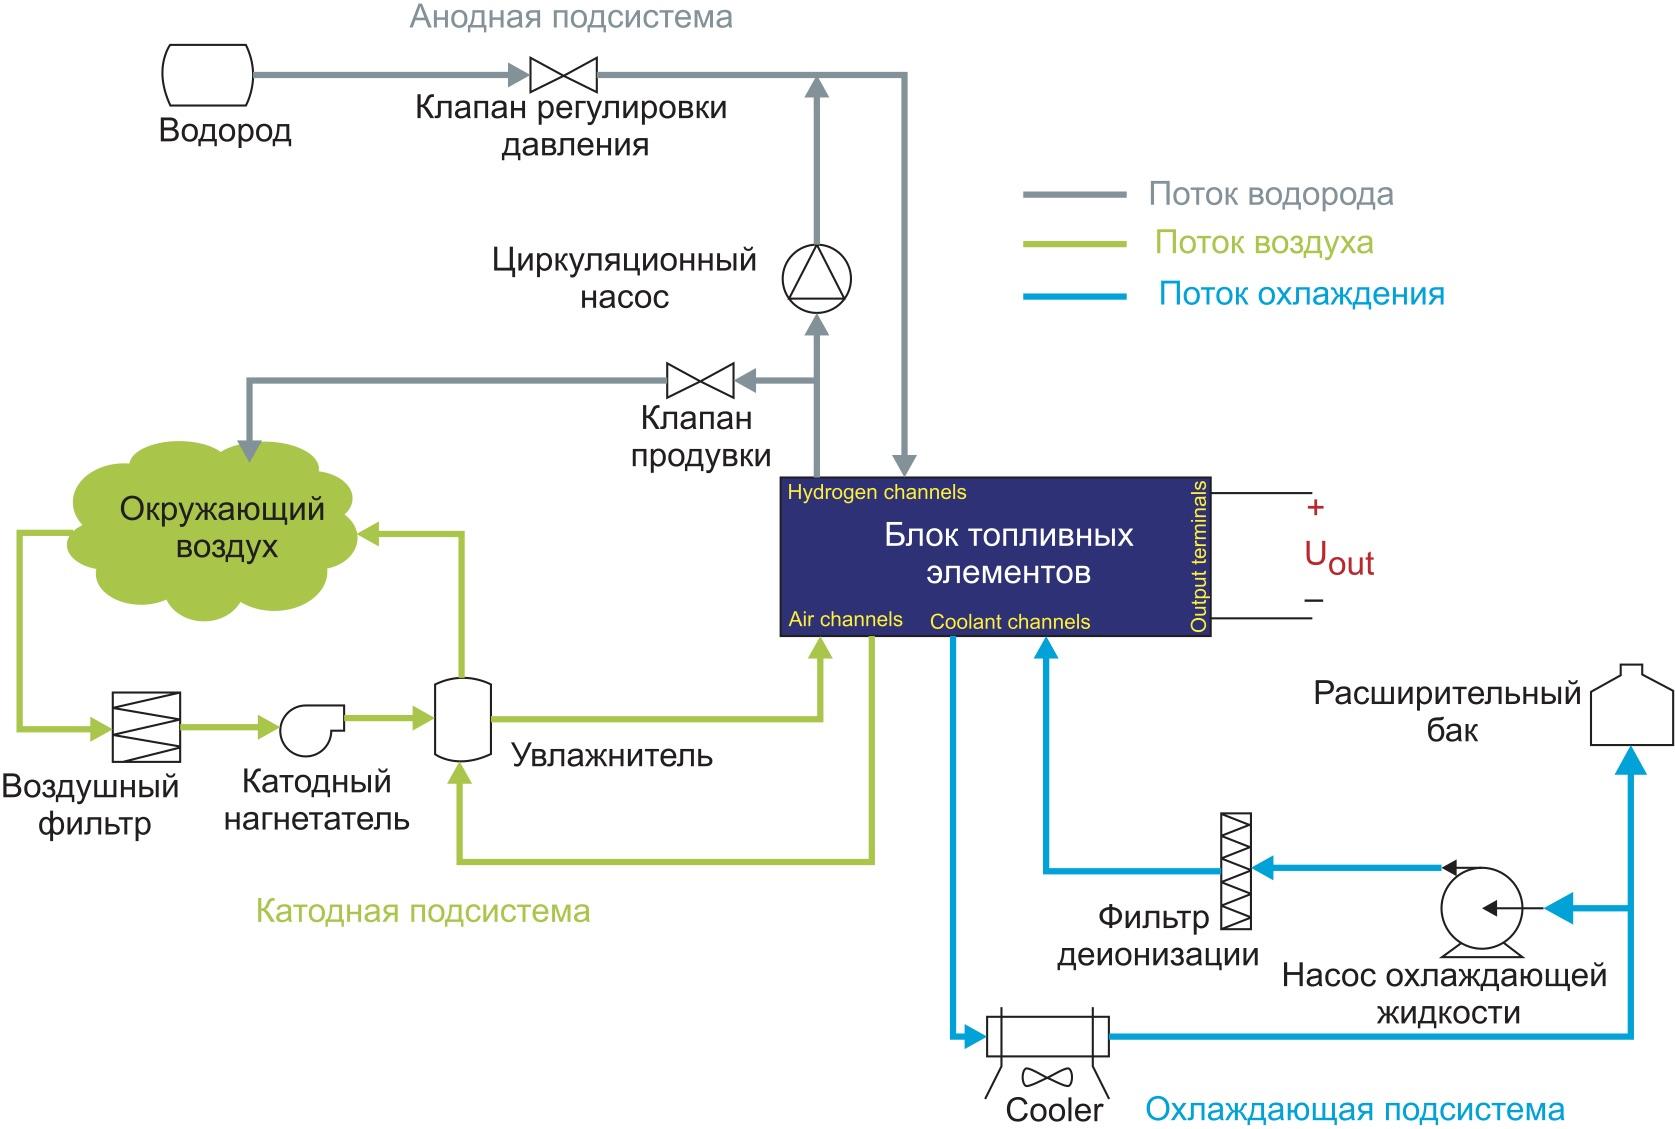 Компоненты системы энергетического баланса BoP (Balance of Plant)